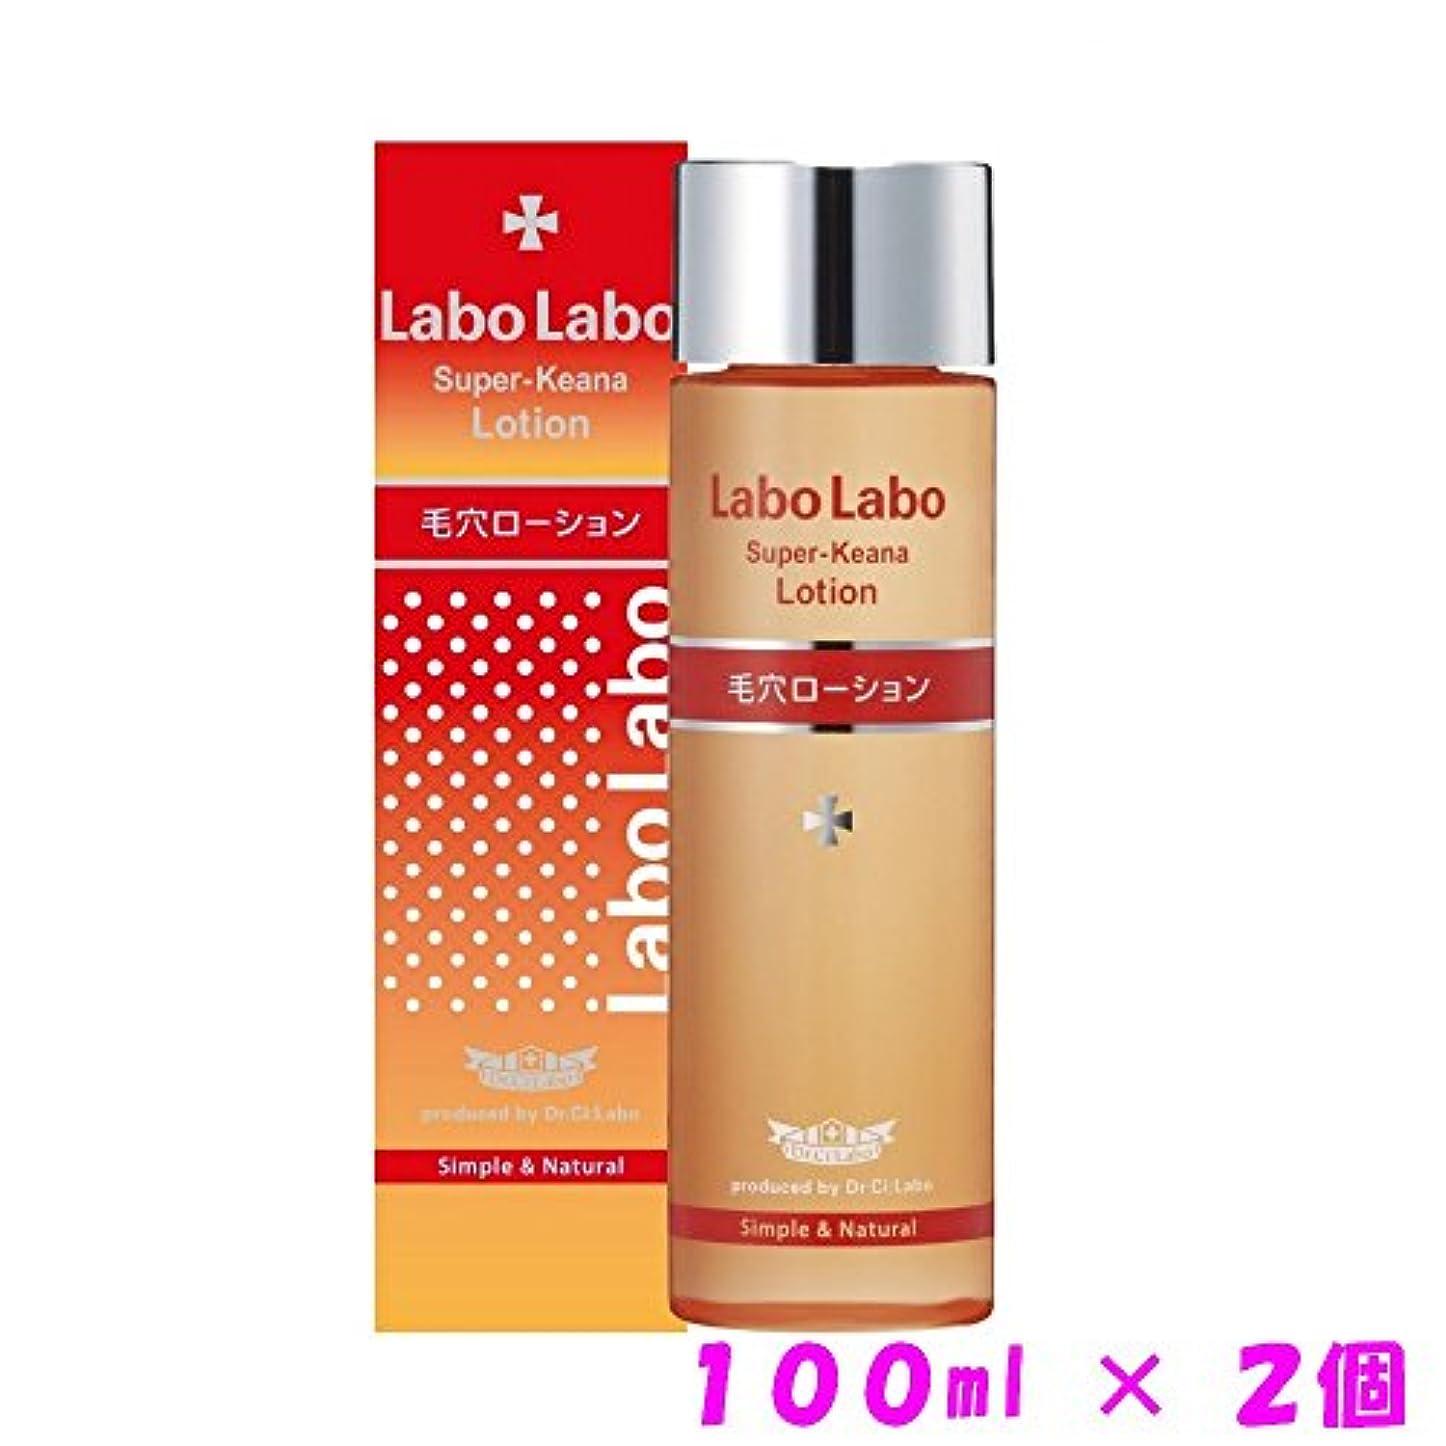 ヶ月目振る舞いプレートLabo Labo ラボラボ スーパー毛穴ローション(ふきとり化粧水)100ml×2